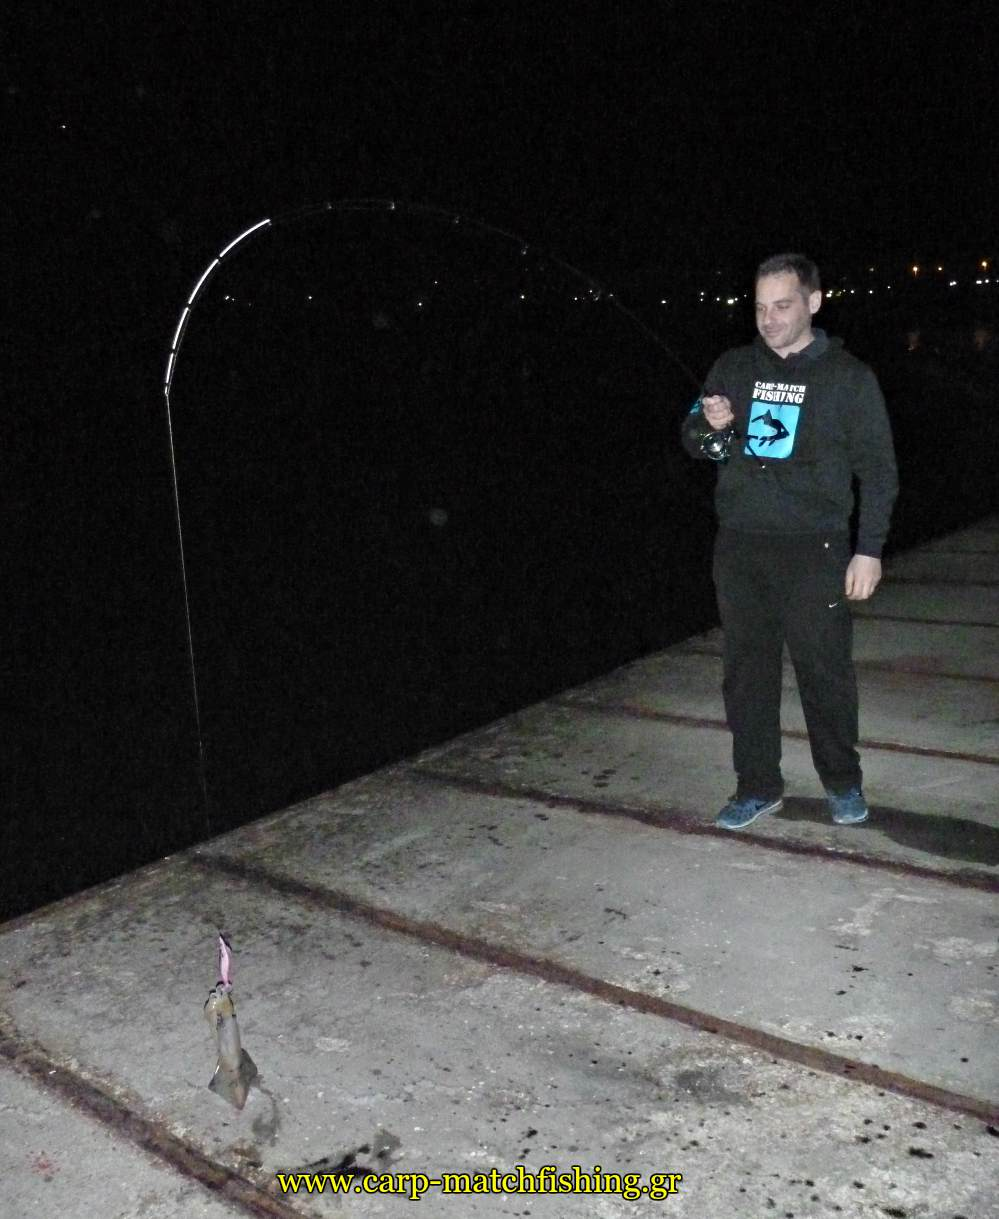 limania topoi kalamarion karv eging carpmatchfishing